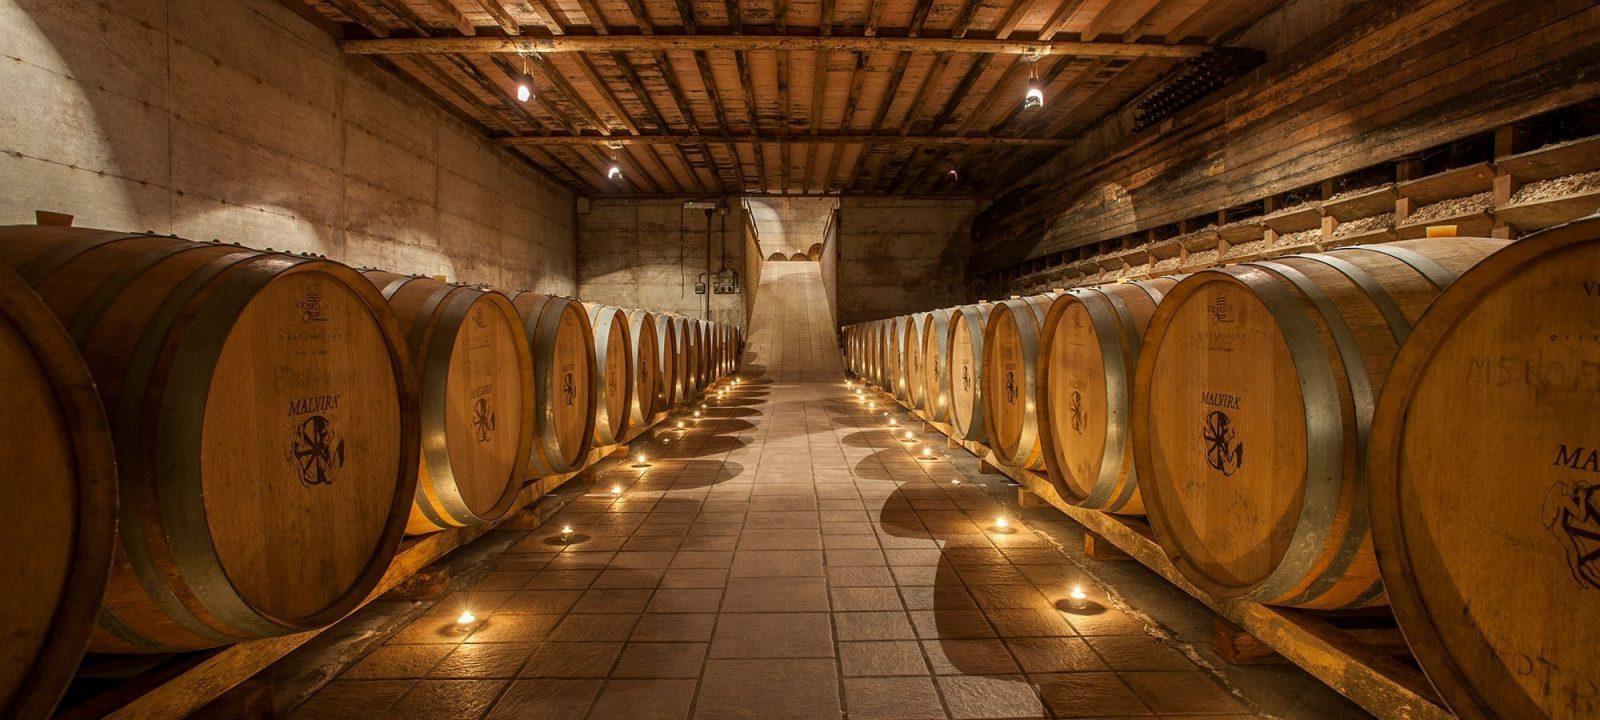 Visite in cantina e degustazioni - Malvirà, da 3 generazioni produciamo vino nel Roero